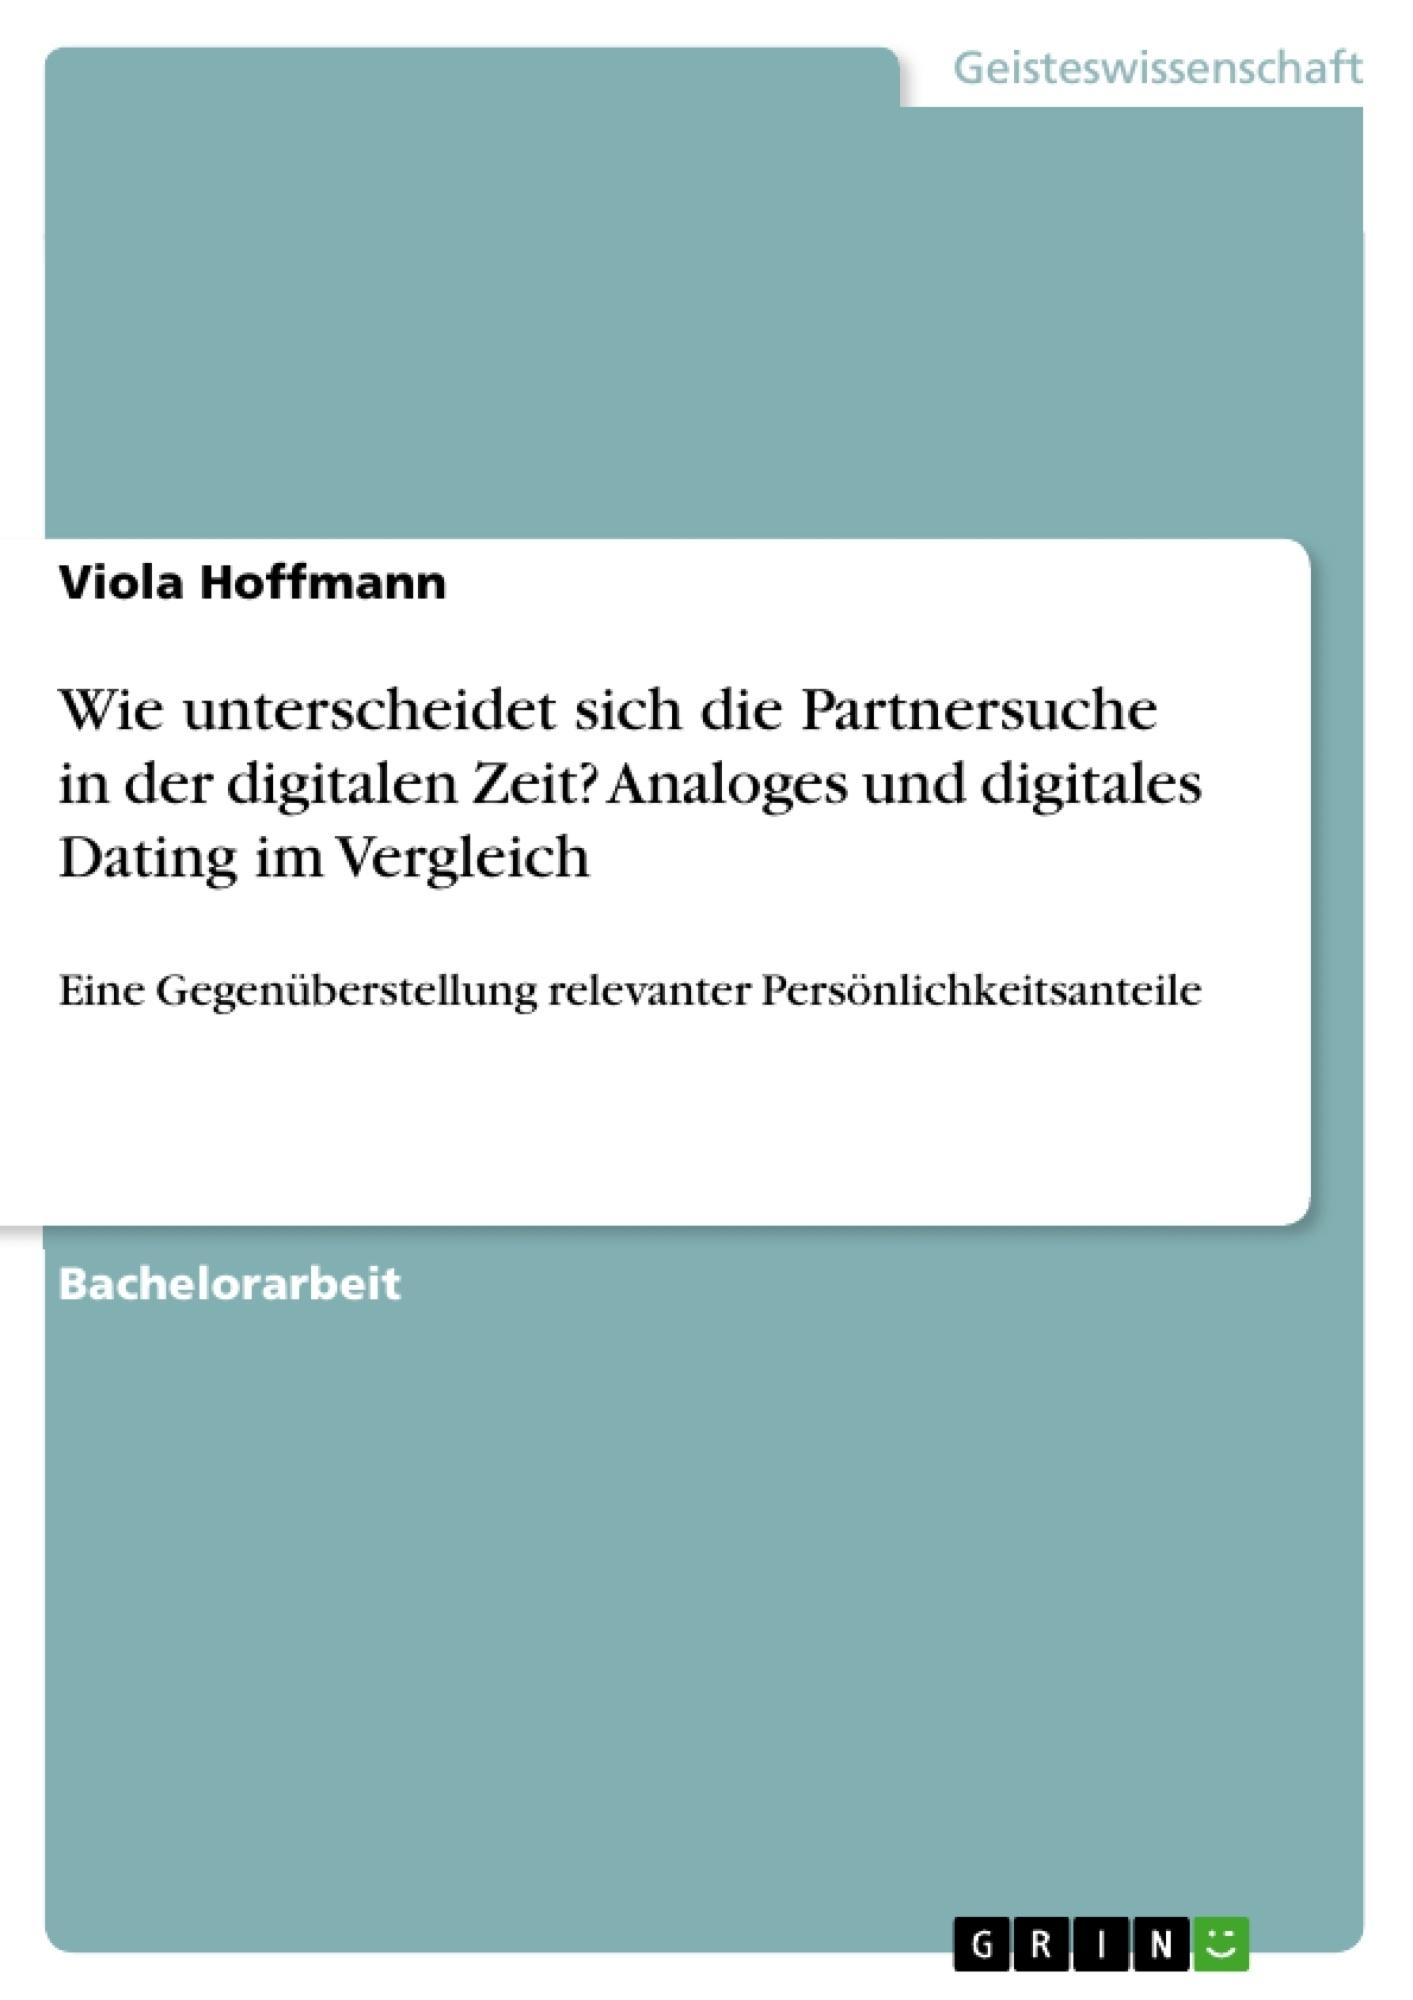 Titel: Wie unterscheidet sich die Partnersuche in der digitalen Zeit? Analoges und digitales Dating im Vergleich